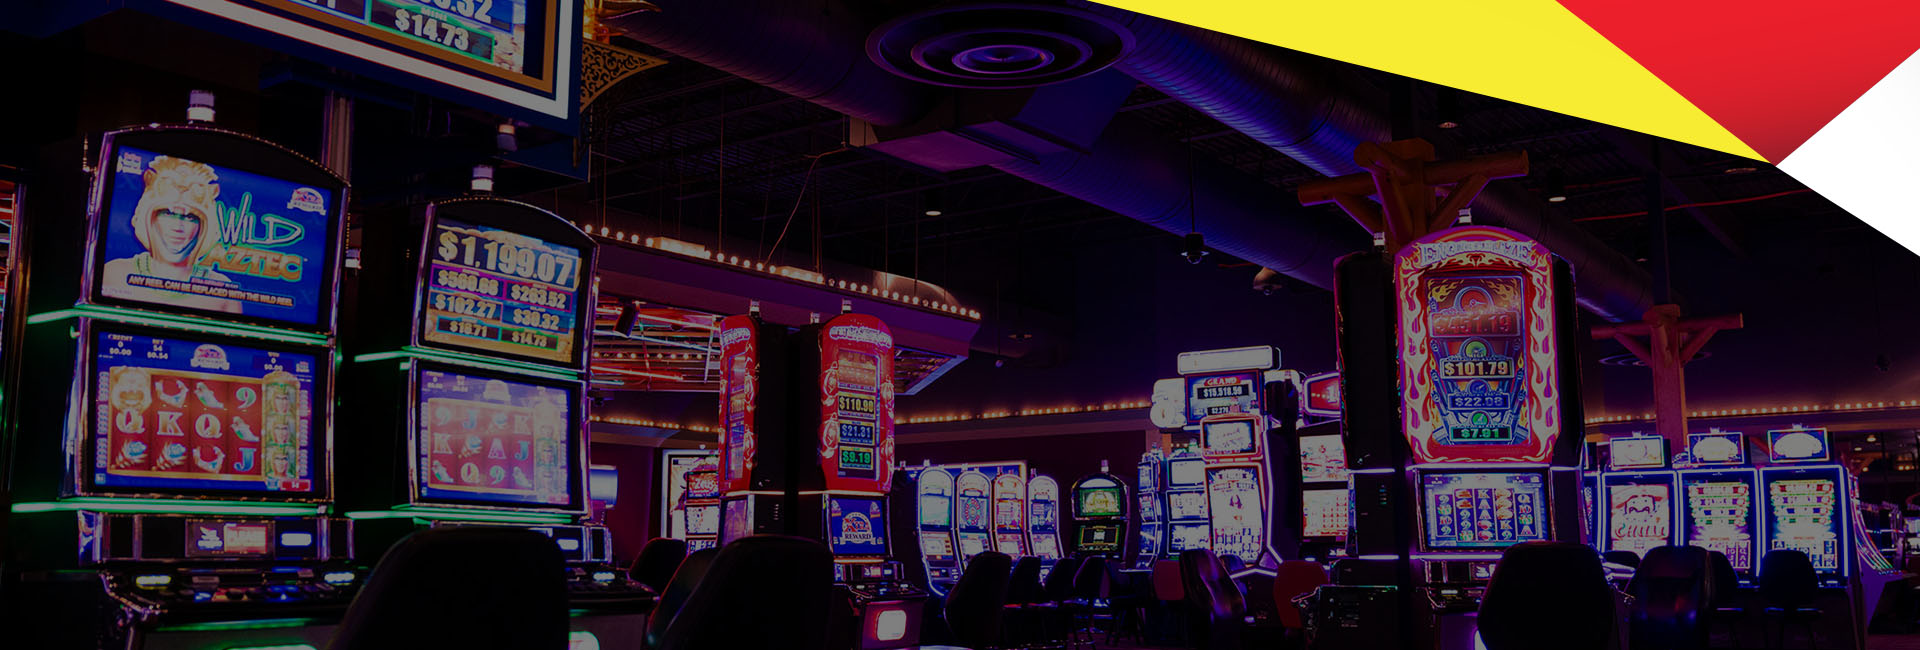 Игровые автоматы севастополя и их секрет